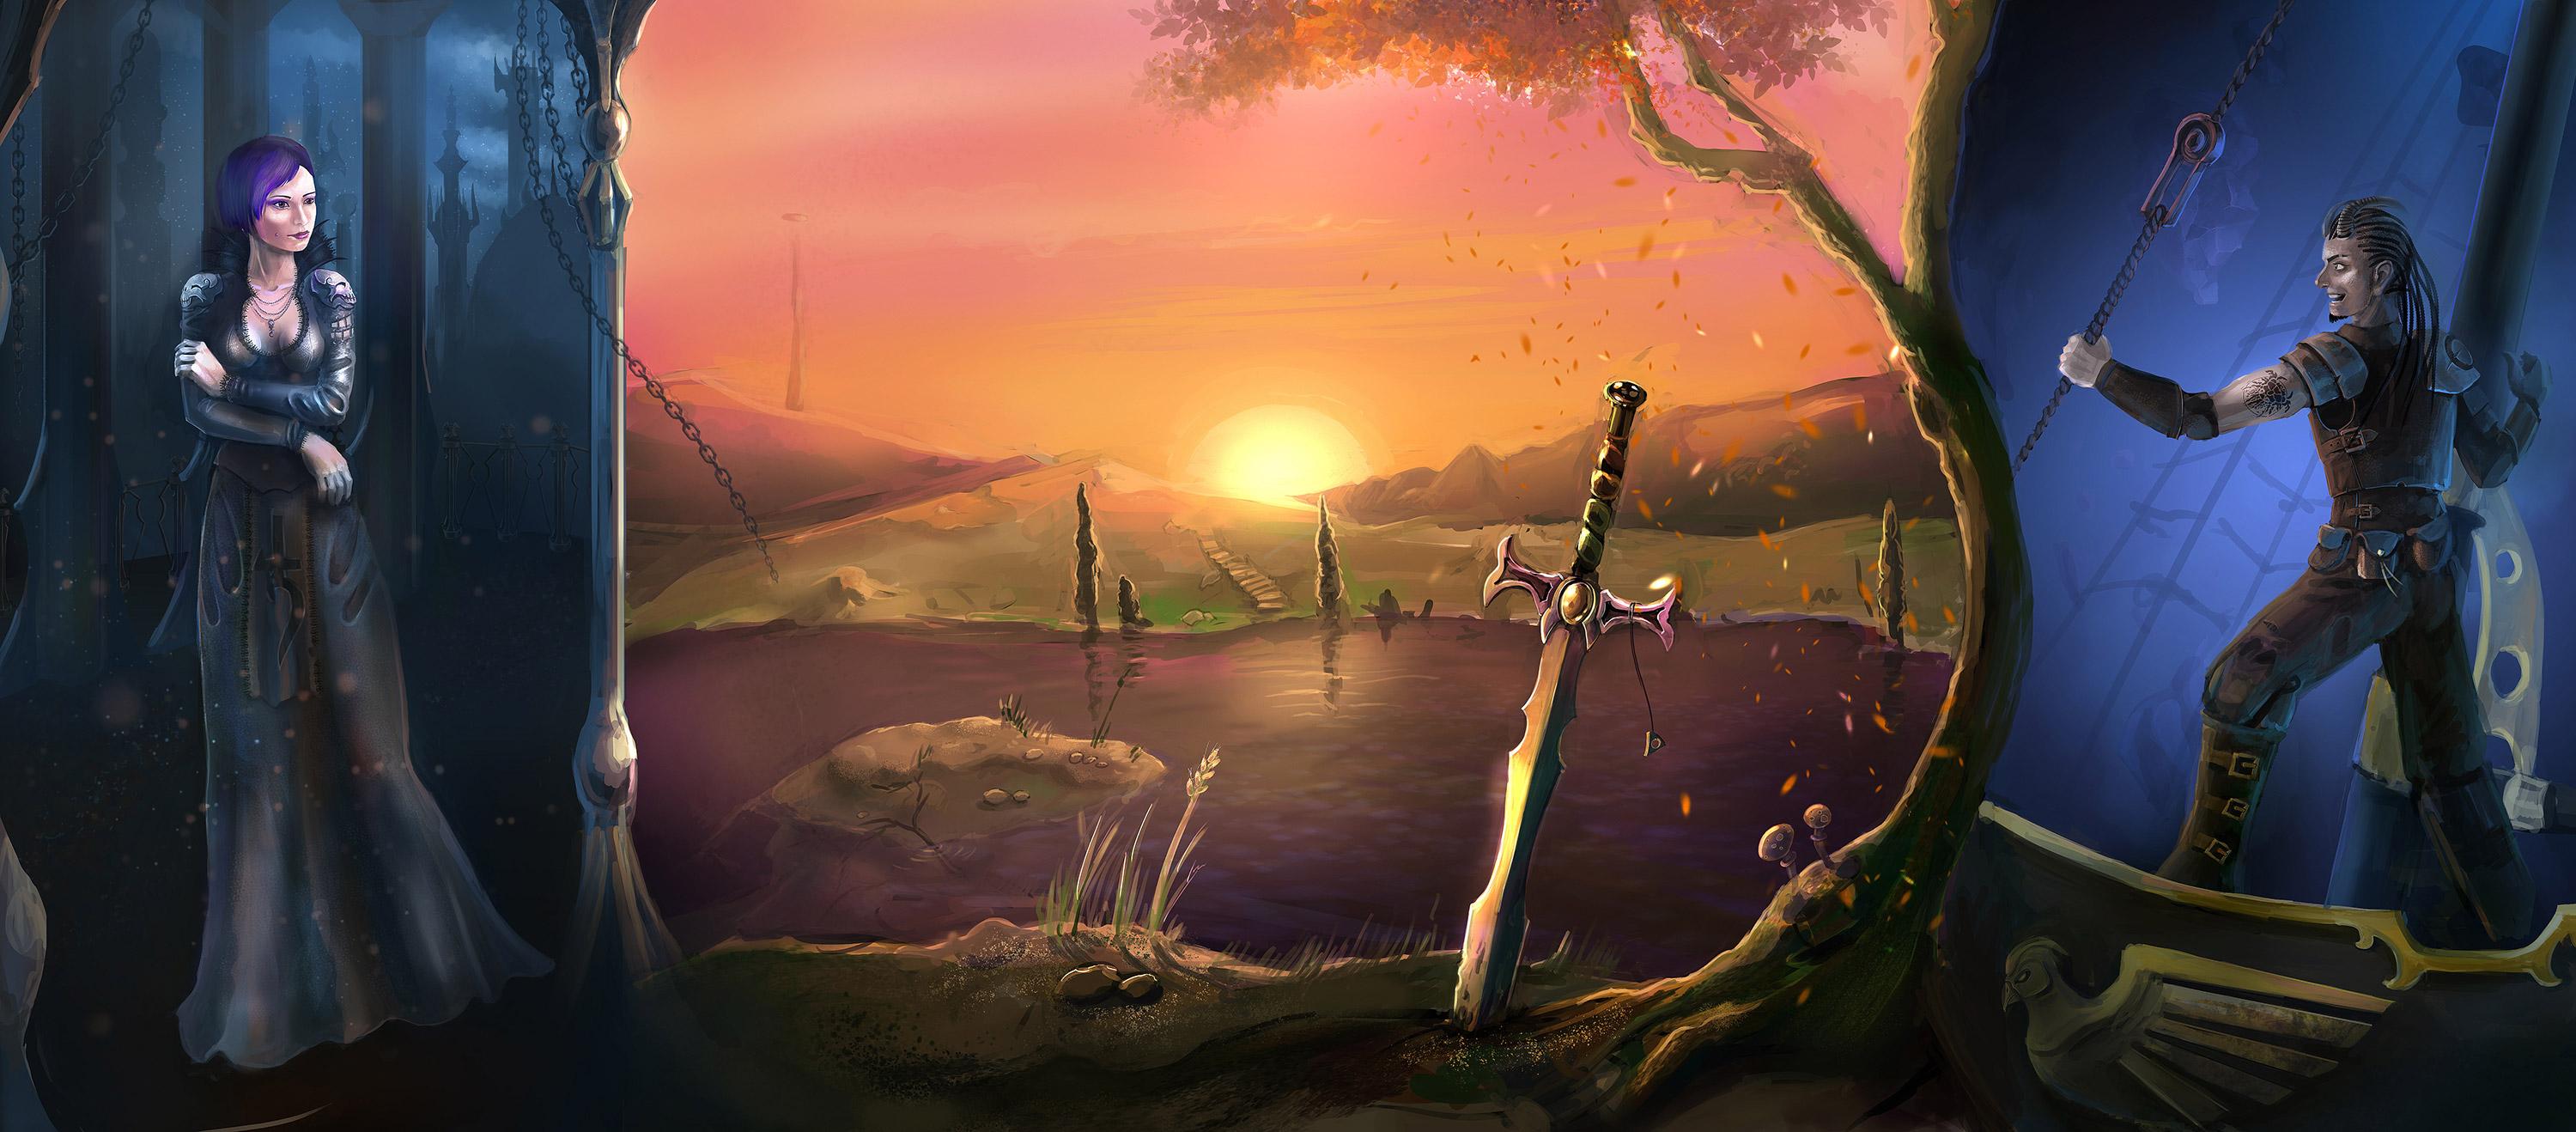 """ronamis """"By The Sword - Triptych"""" in ordine da sinistra: le sale dell'**Obitorio**, le rive di **Tir fo Thuinn** e un **vascello Astrale** Doomguard - by ronamis (Michael Malkin) ronamis.deviantart.com (2012) © dell'autore tutti i diritti riservati"""